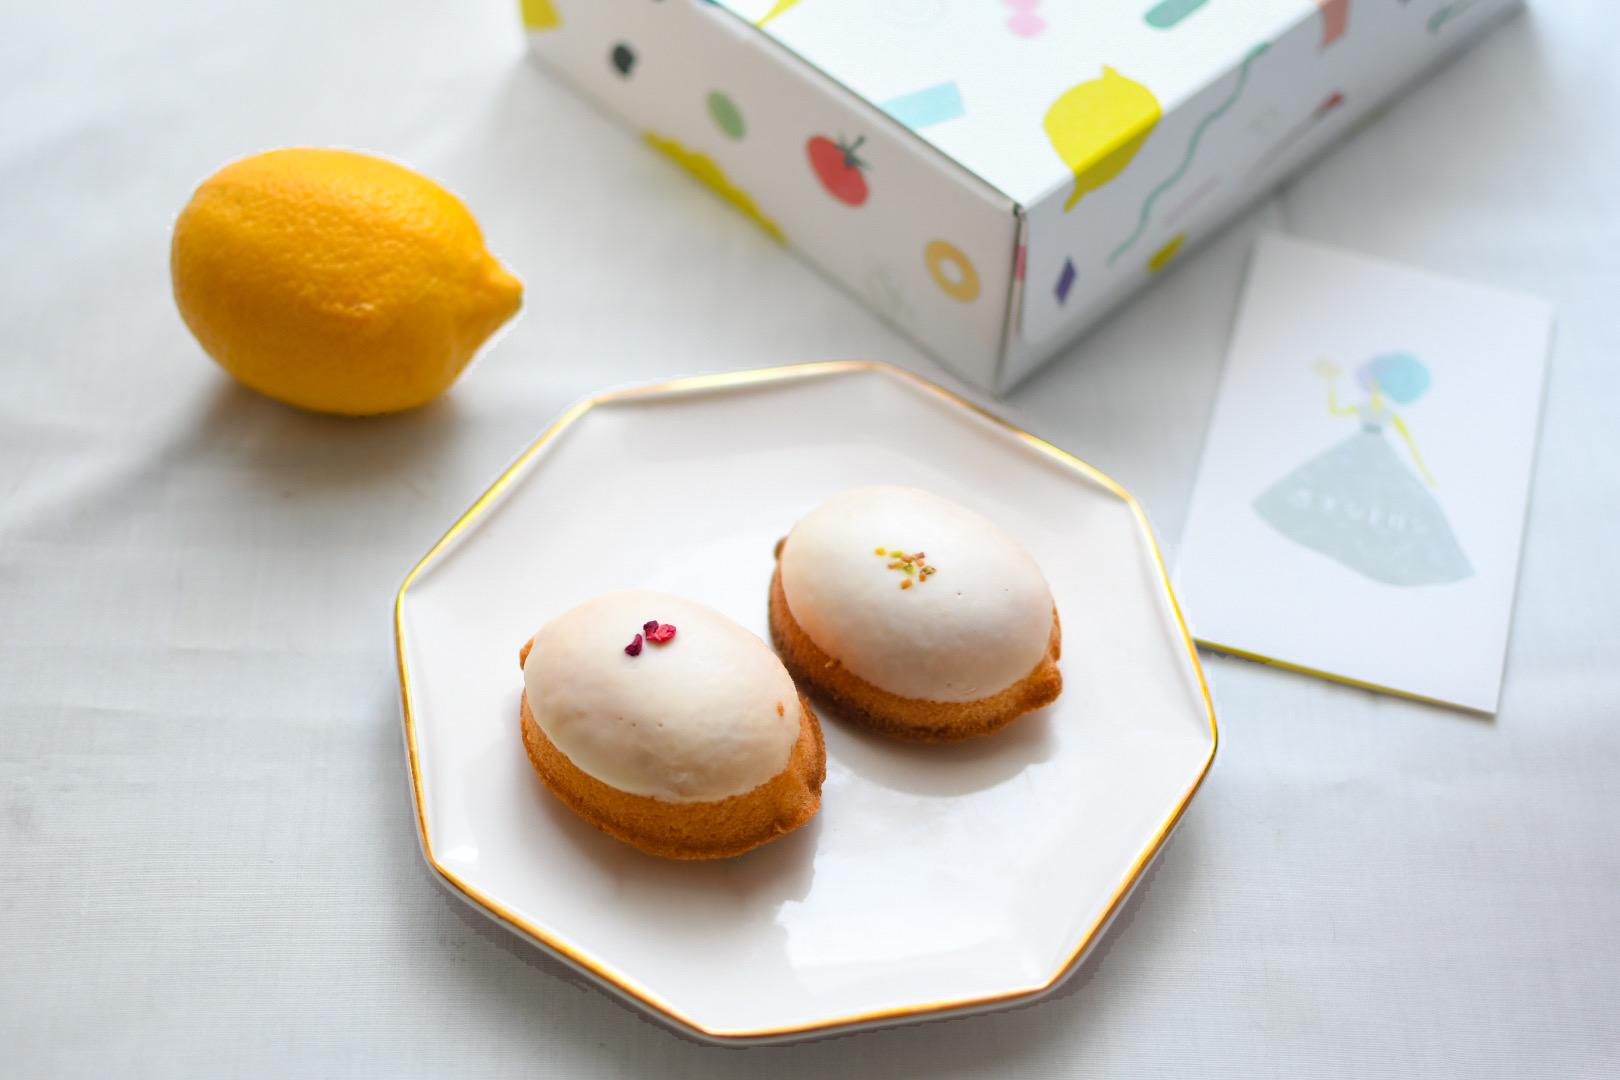 お取り寄せしたおしゃれレモンケーキ「週末シトロン」は、手土産にもおすすめ